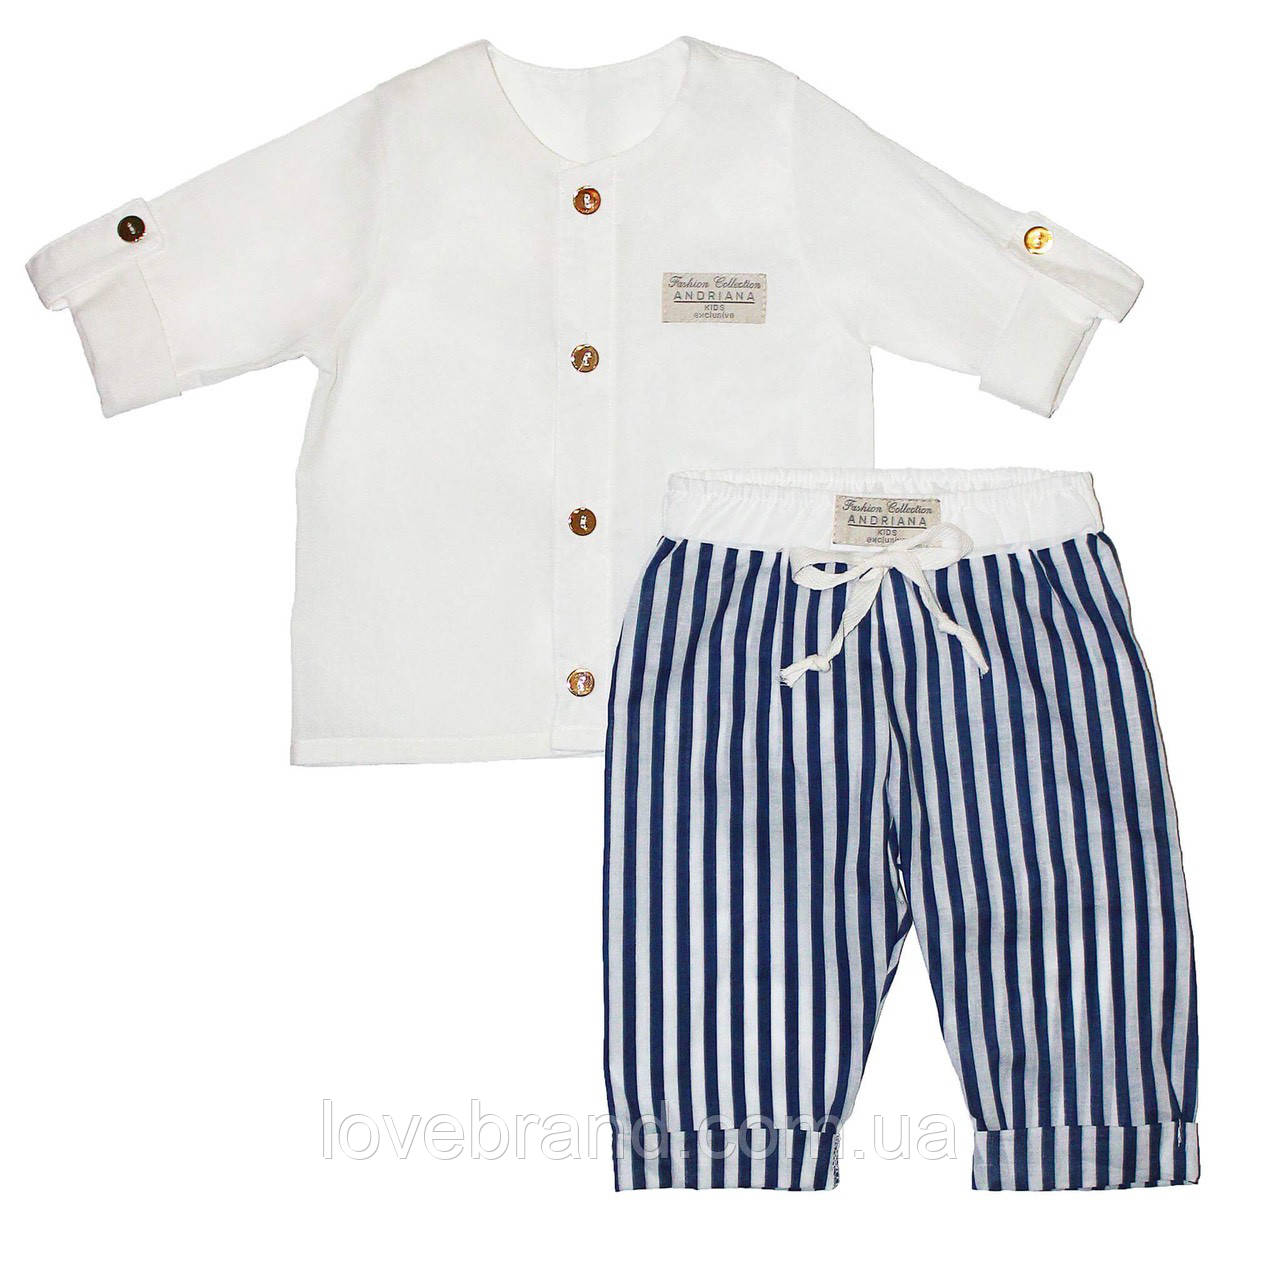 """Дизайнерский набор для мальчька """"Fashion Collection Andriana Kids""""  86 см"""